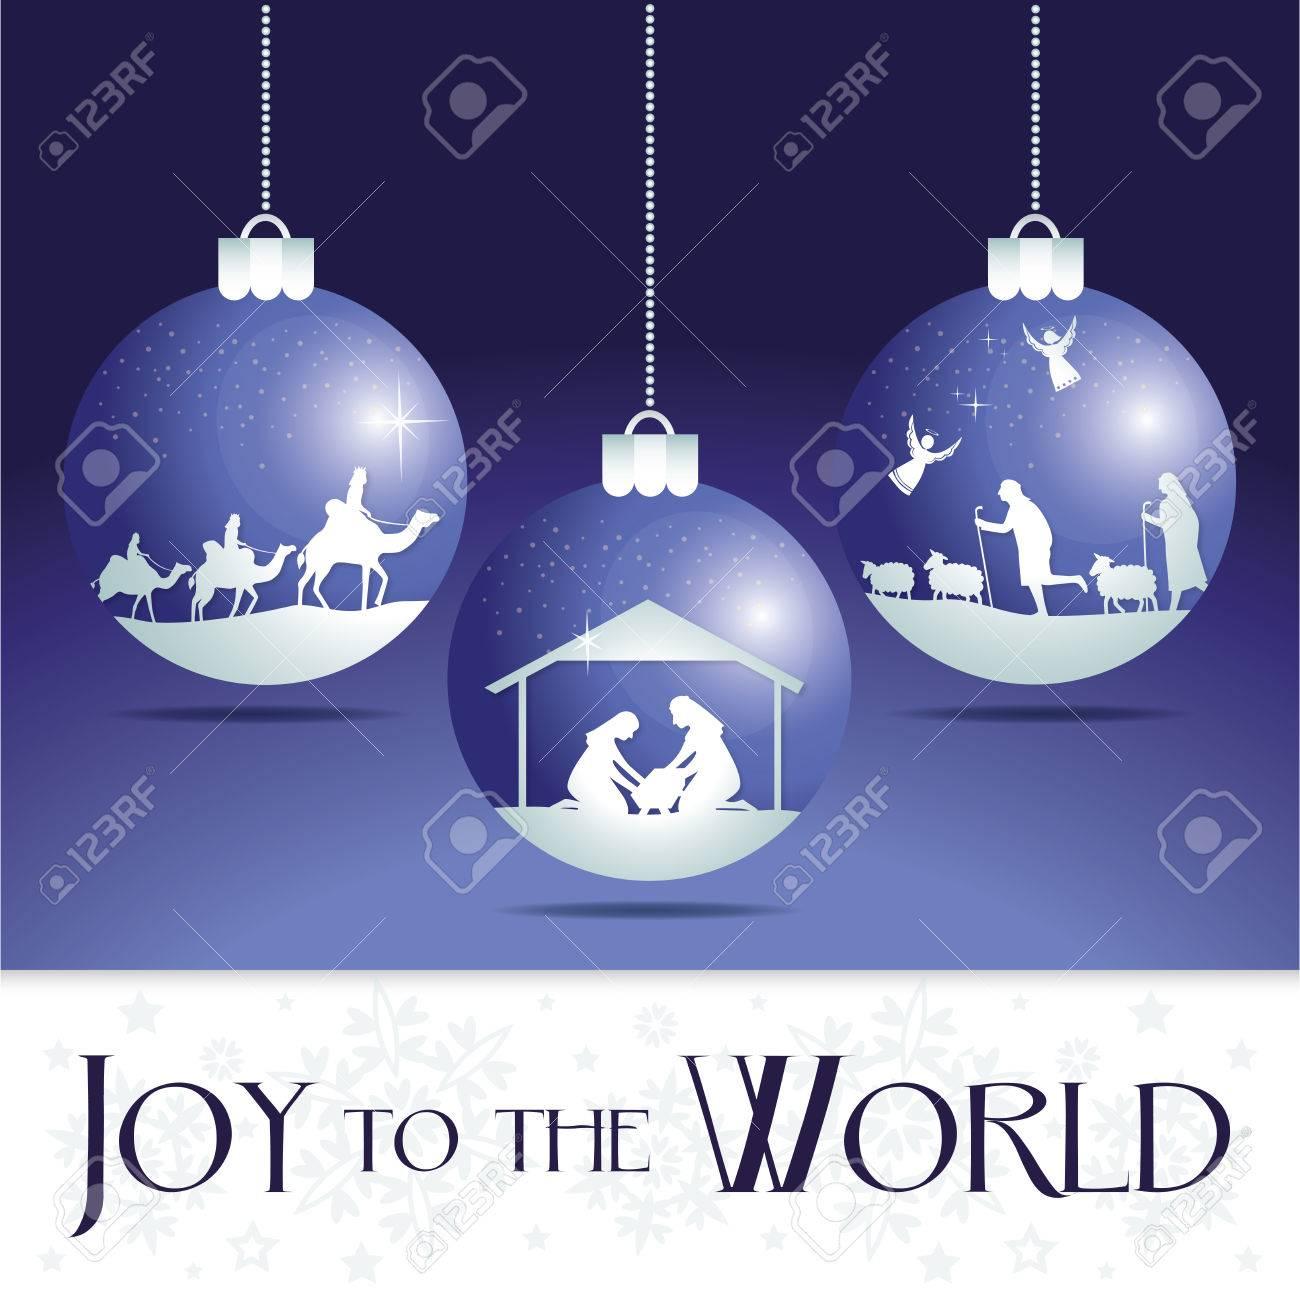 Joy To The World. Christmas Nativity Tree Ornaments. Royalty Free ...